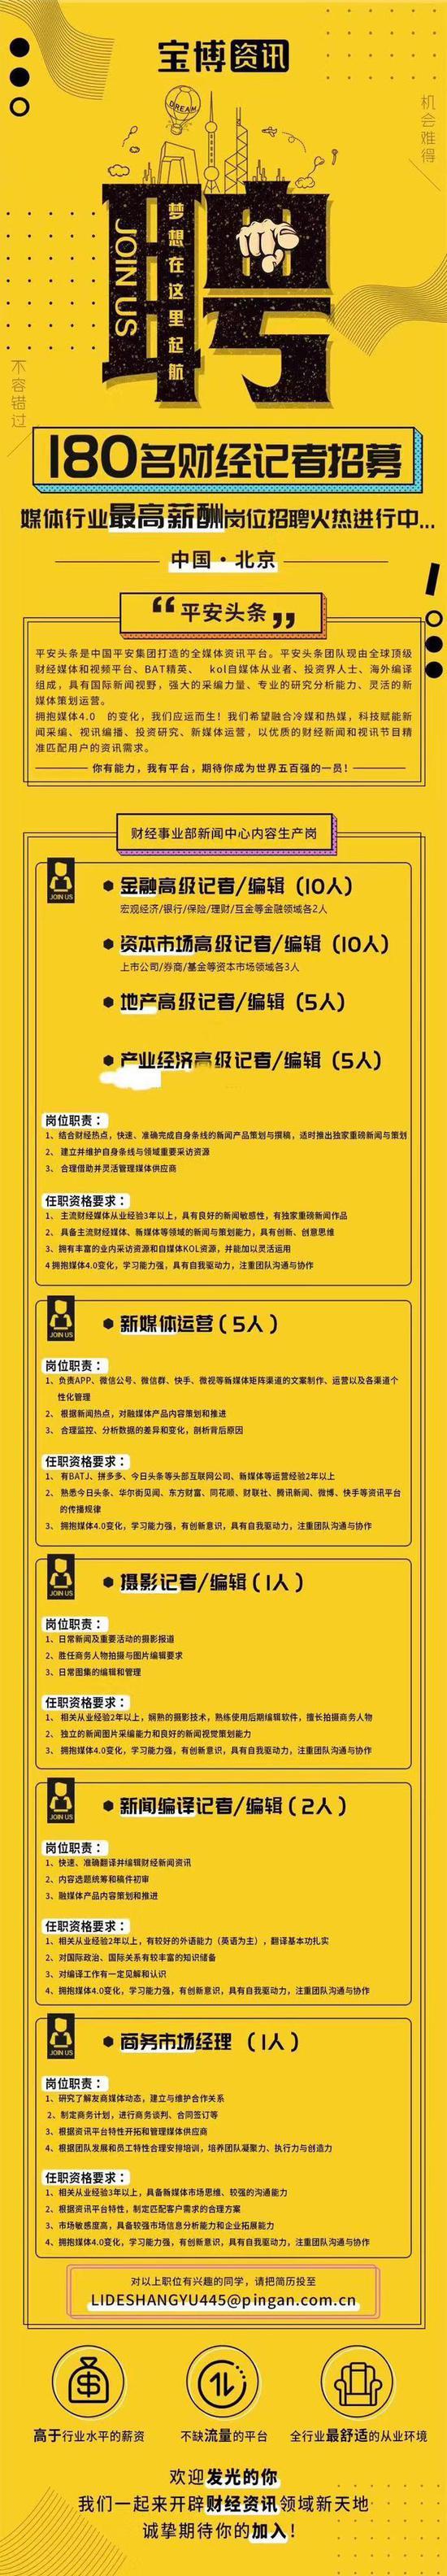 澳门十三第软件·快讯!全球物流巨头落户郑州航空港区,已竞拍项目用地